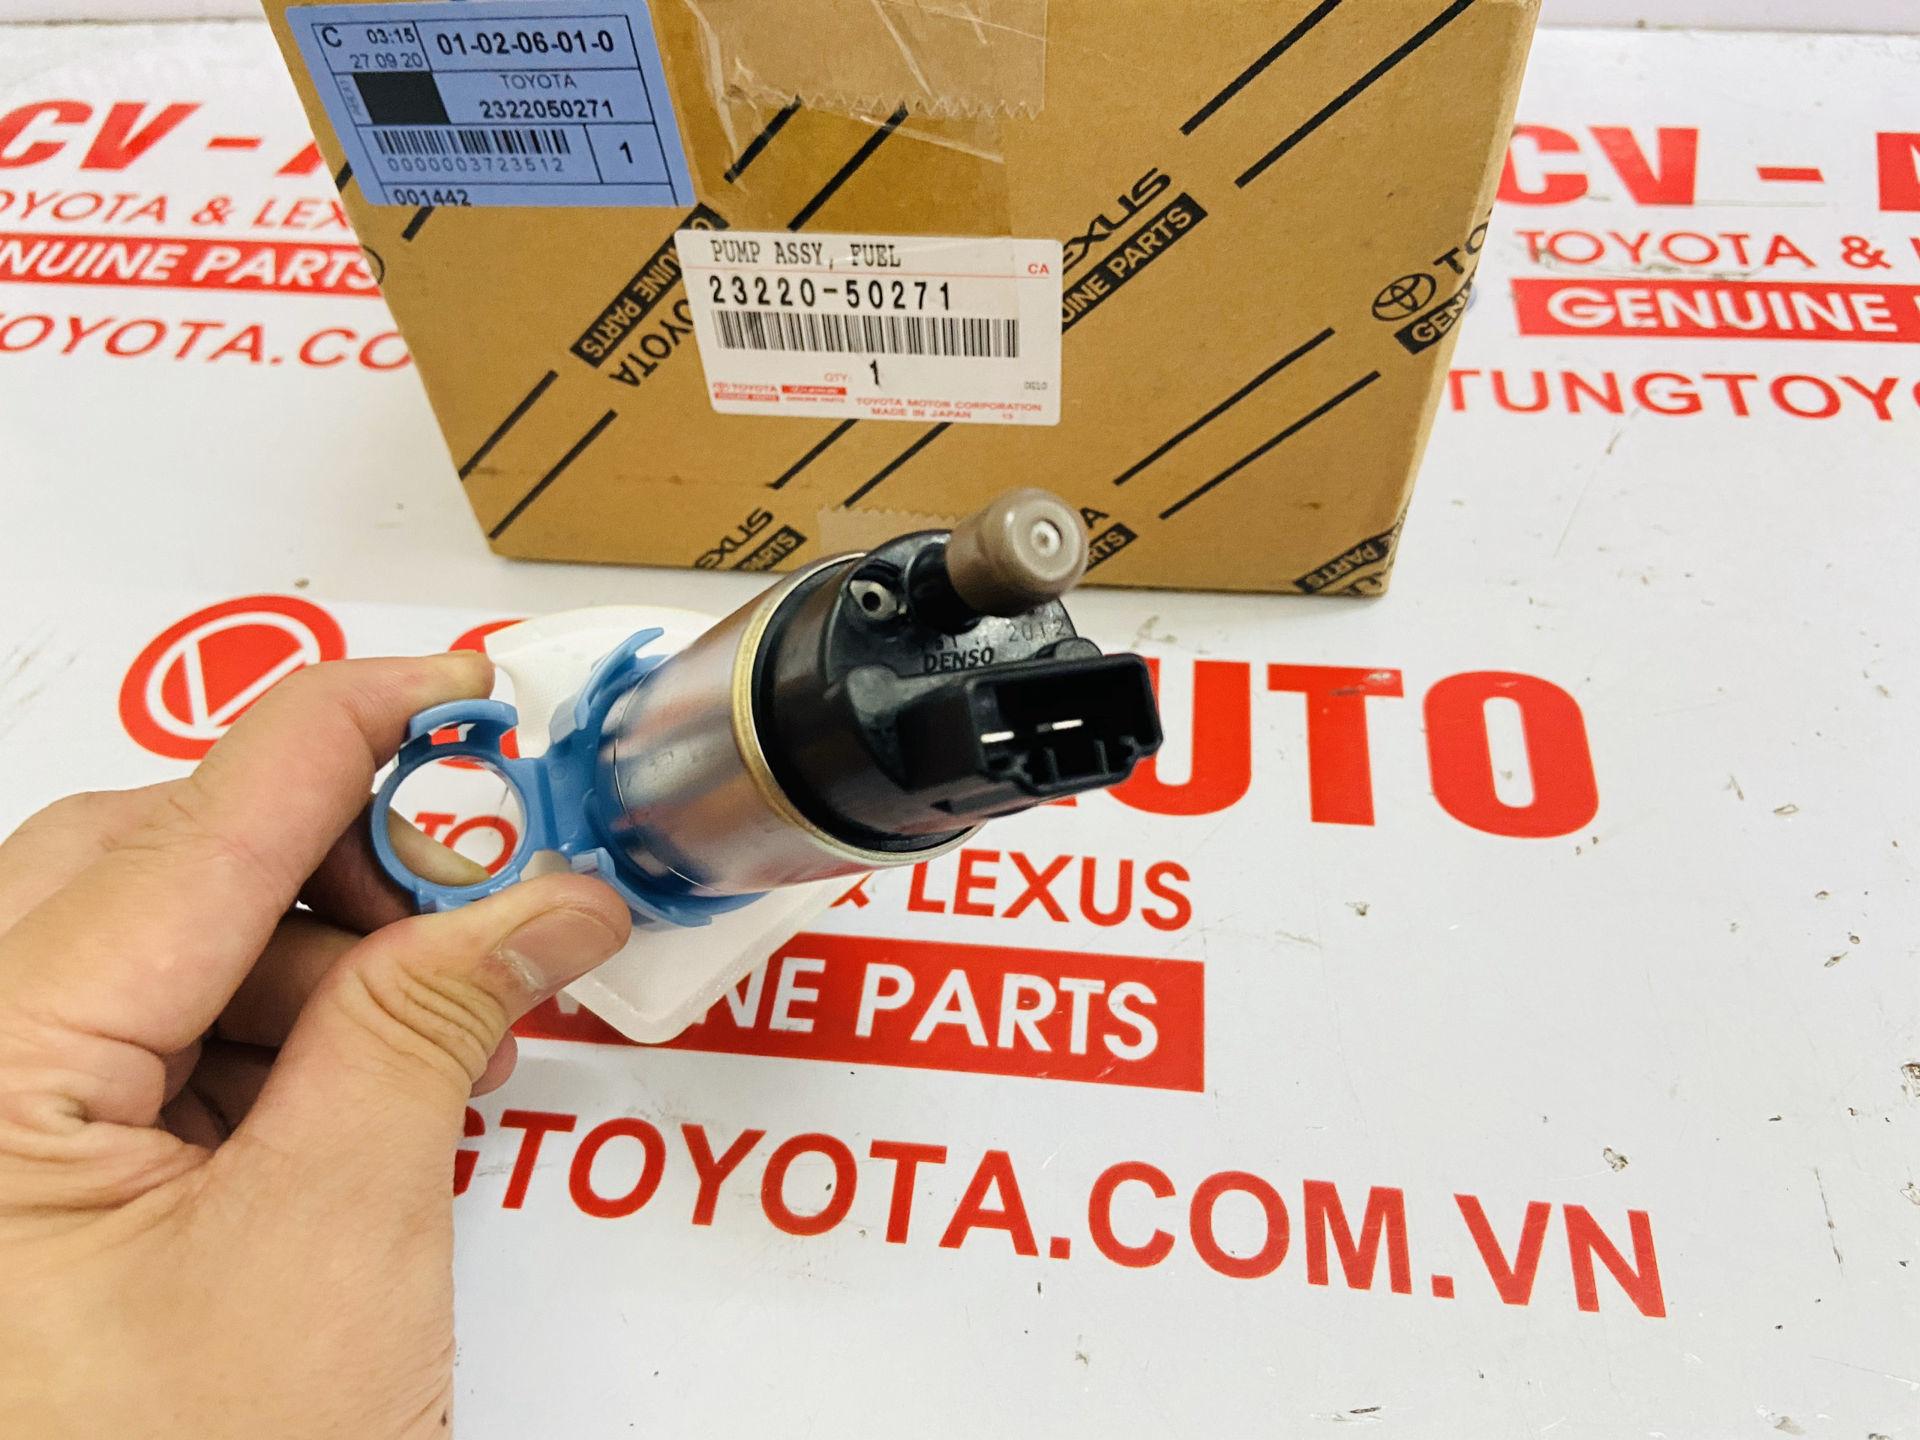 Picture of 23220-50271 2322050271 Bơm xăng Lexus LX570 hàng chính hãng